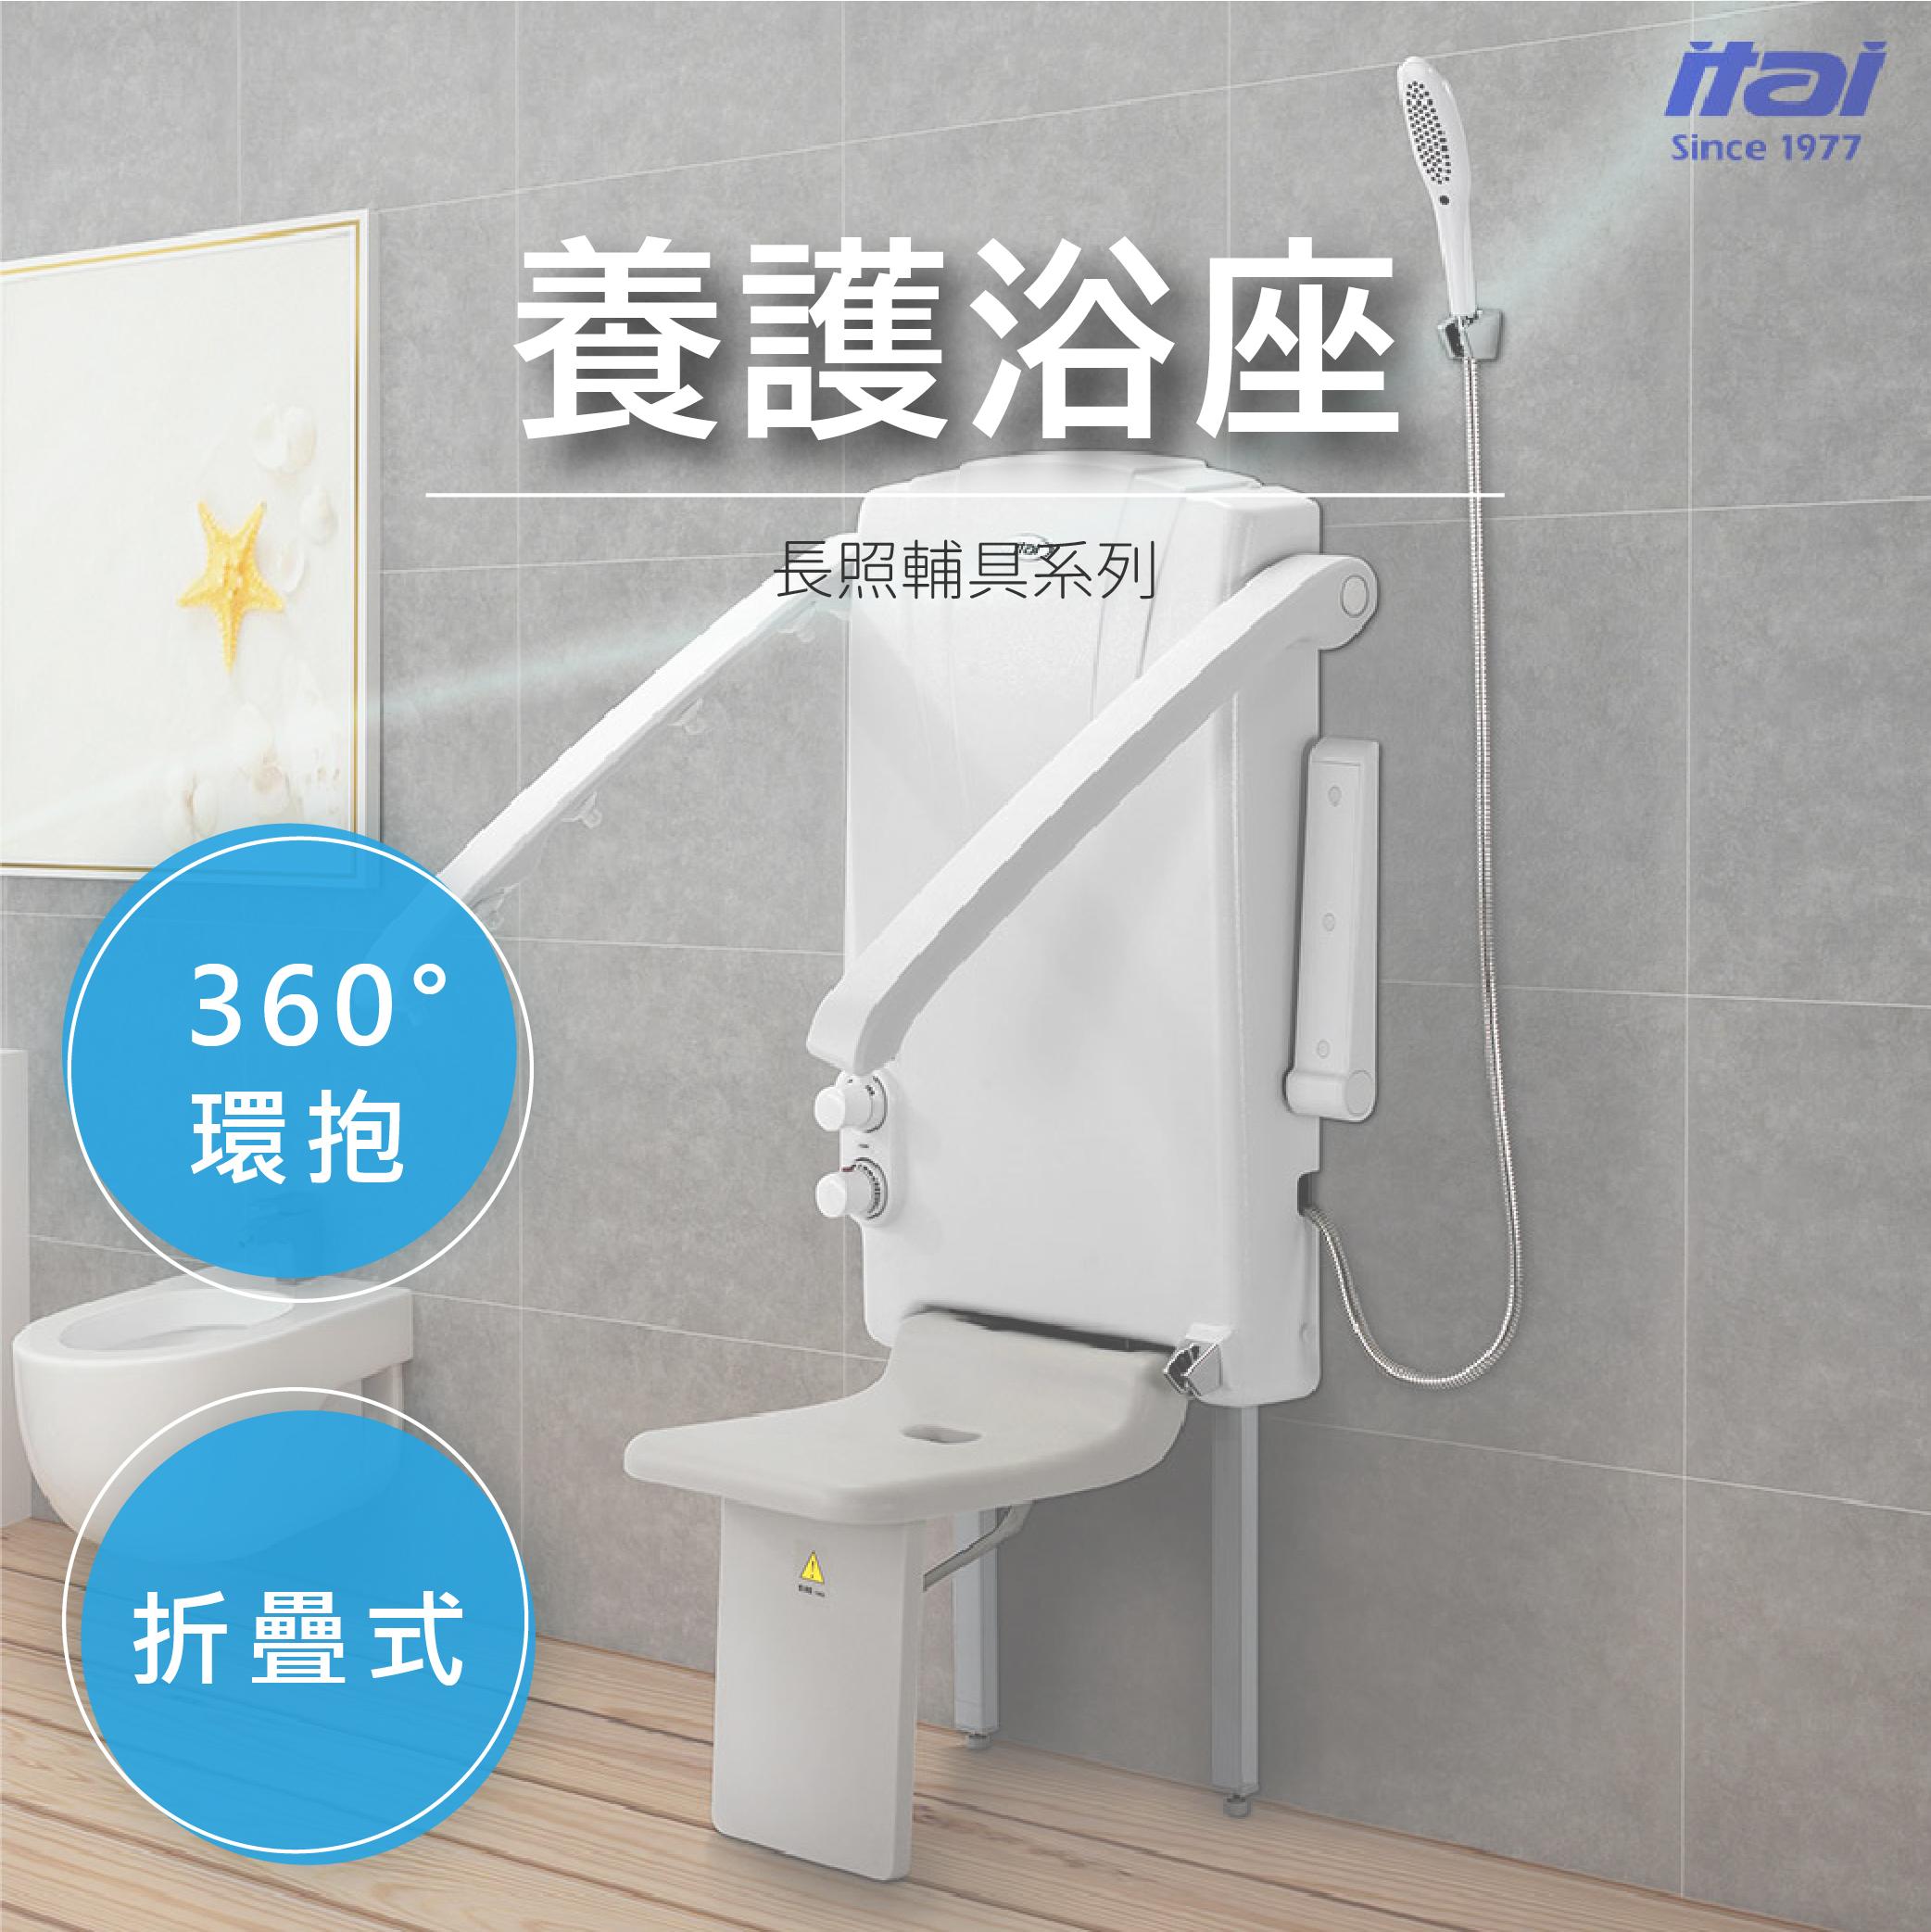 老張的店 台灣品牌 到府安裝 【itai一太】 長照輔具-養護浴座 ET-CB1101長照洗浴 方便安全 老人照護 居家安全防護措施